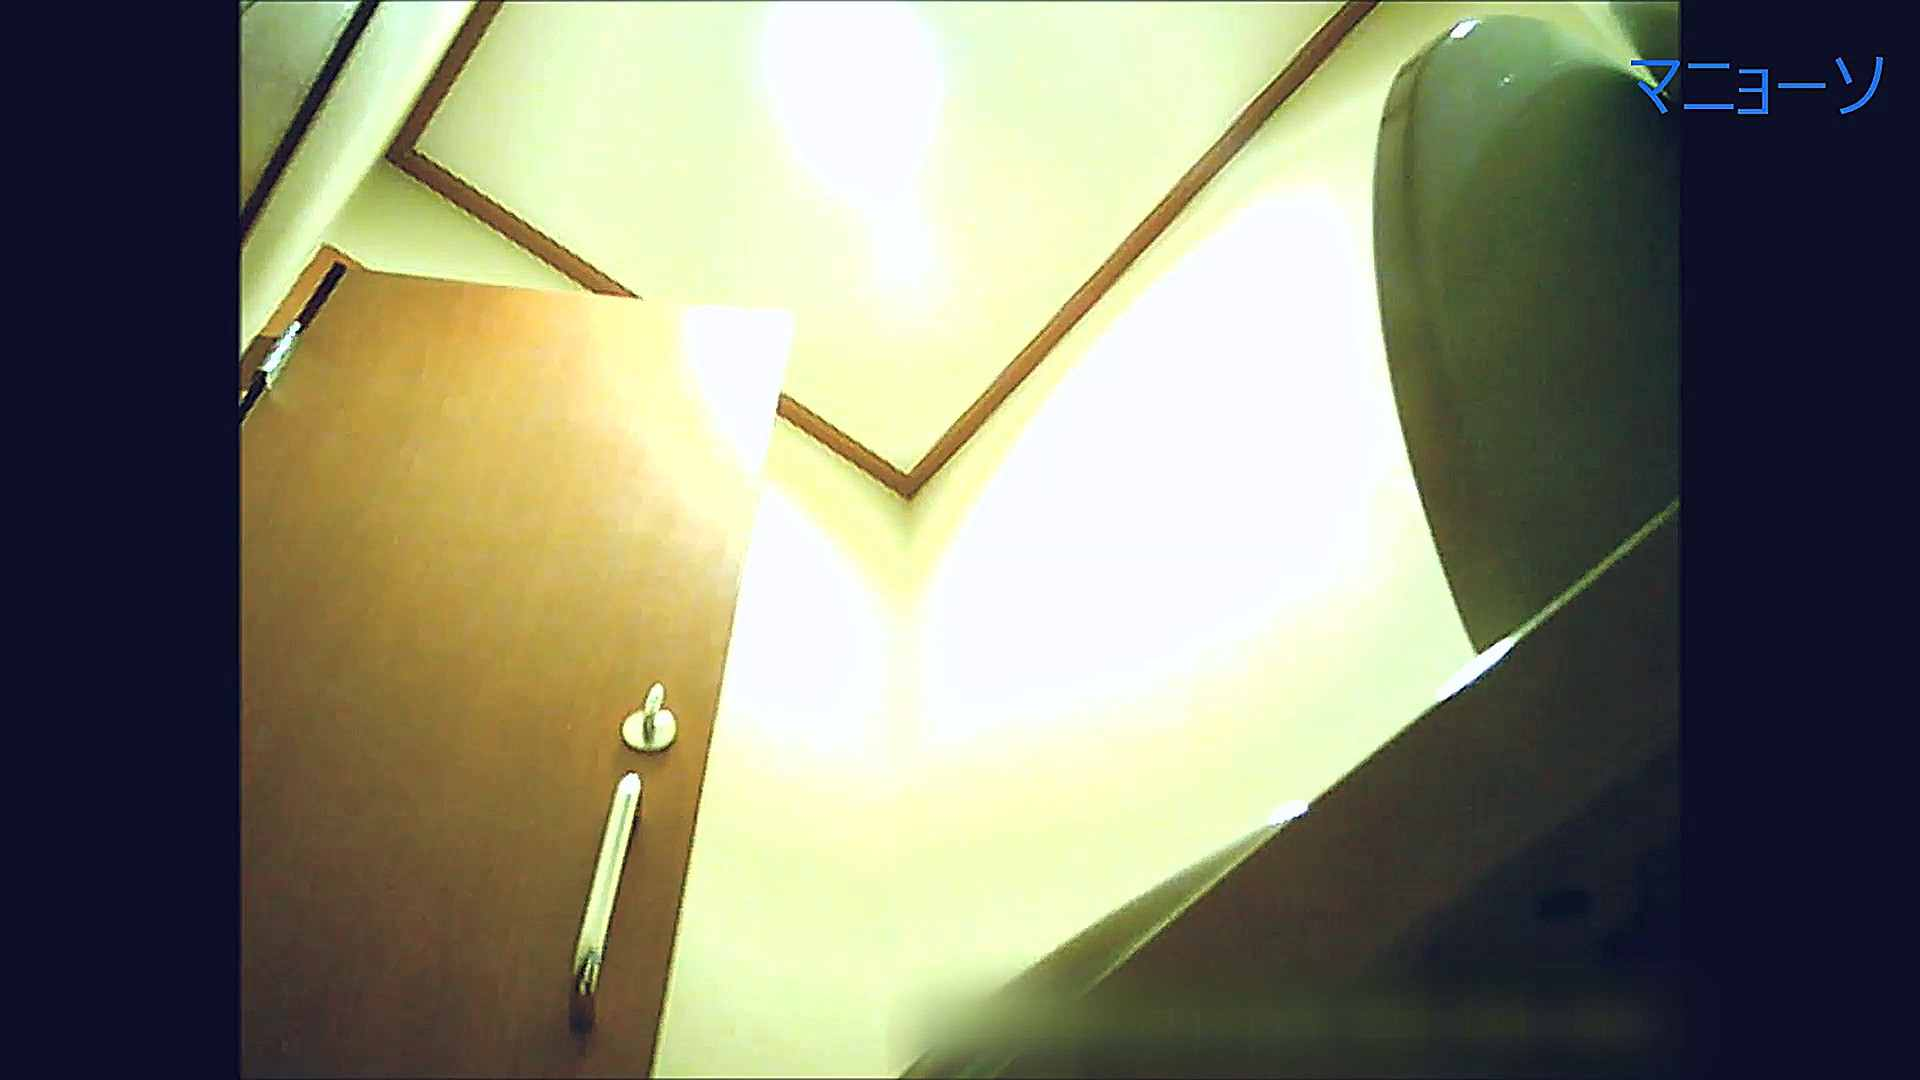 トイレでひと肌脱いでもらいました (番外編)Vol.04 トイレで・・・  77画像 38